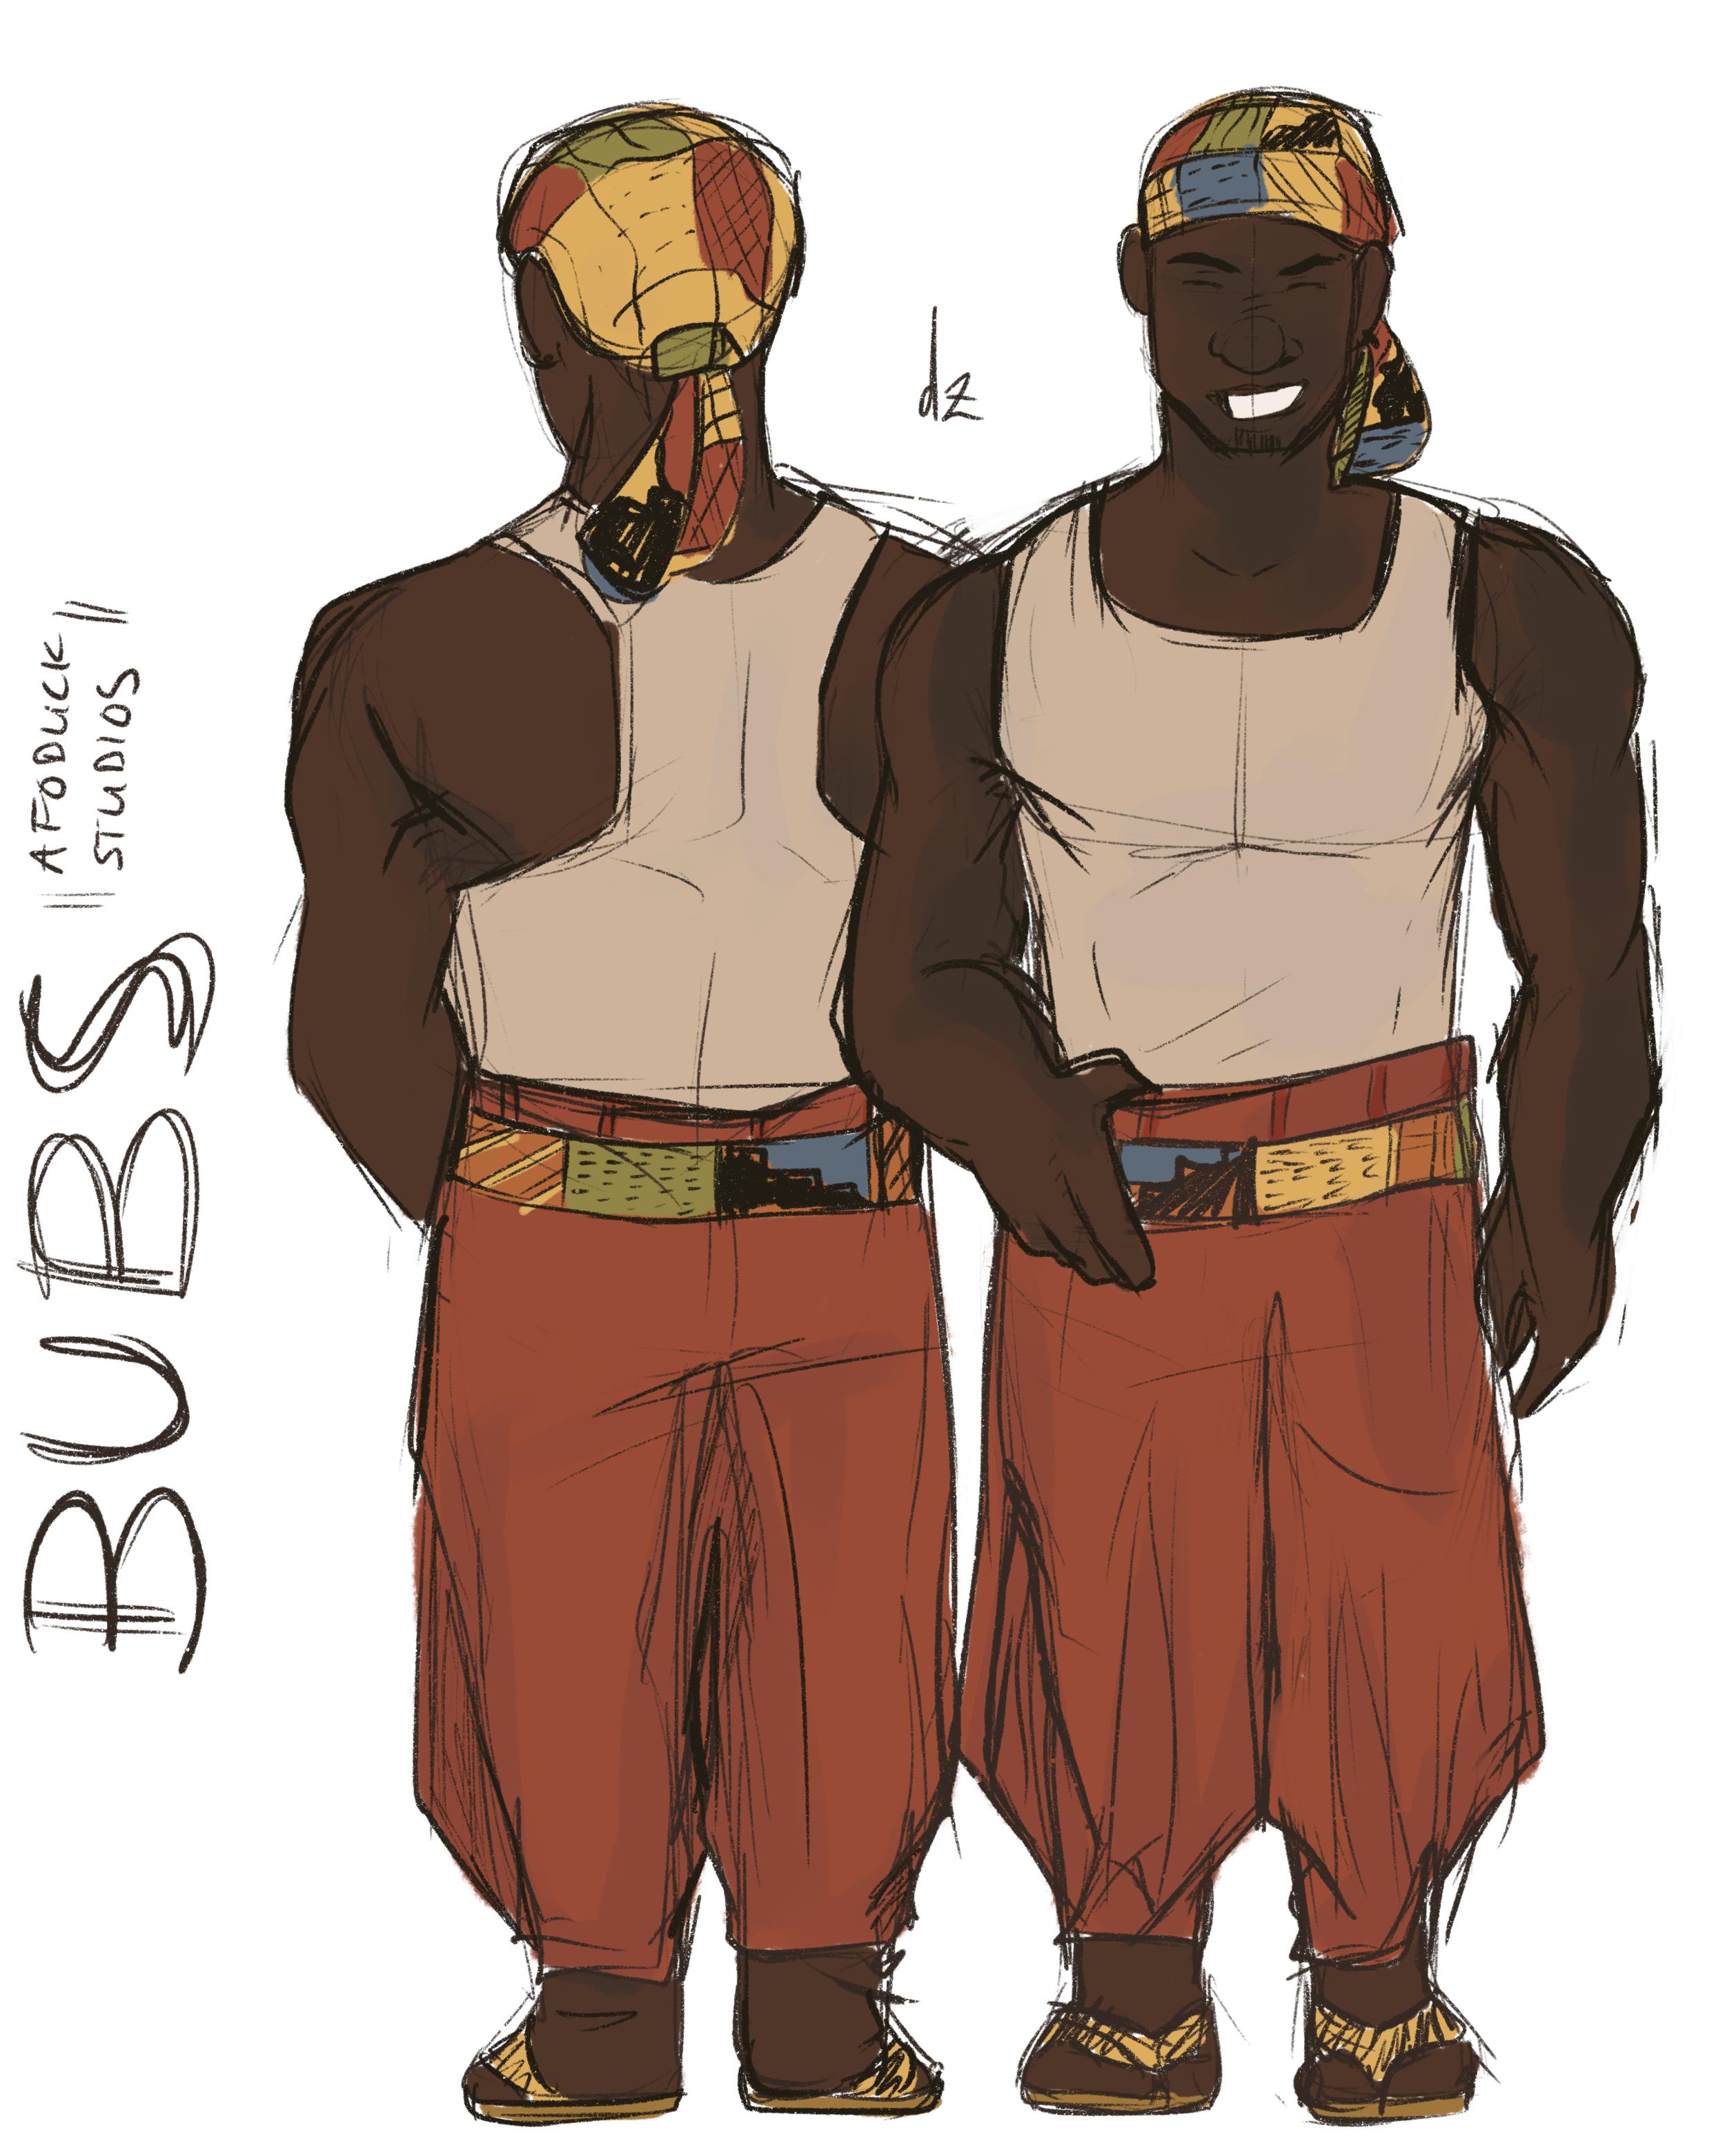 Baaba (Bubs) Kojo Nkrumah